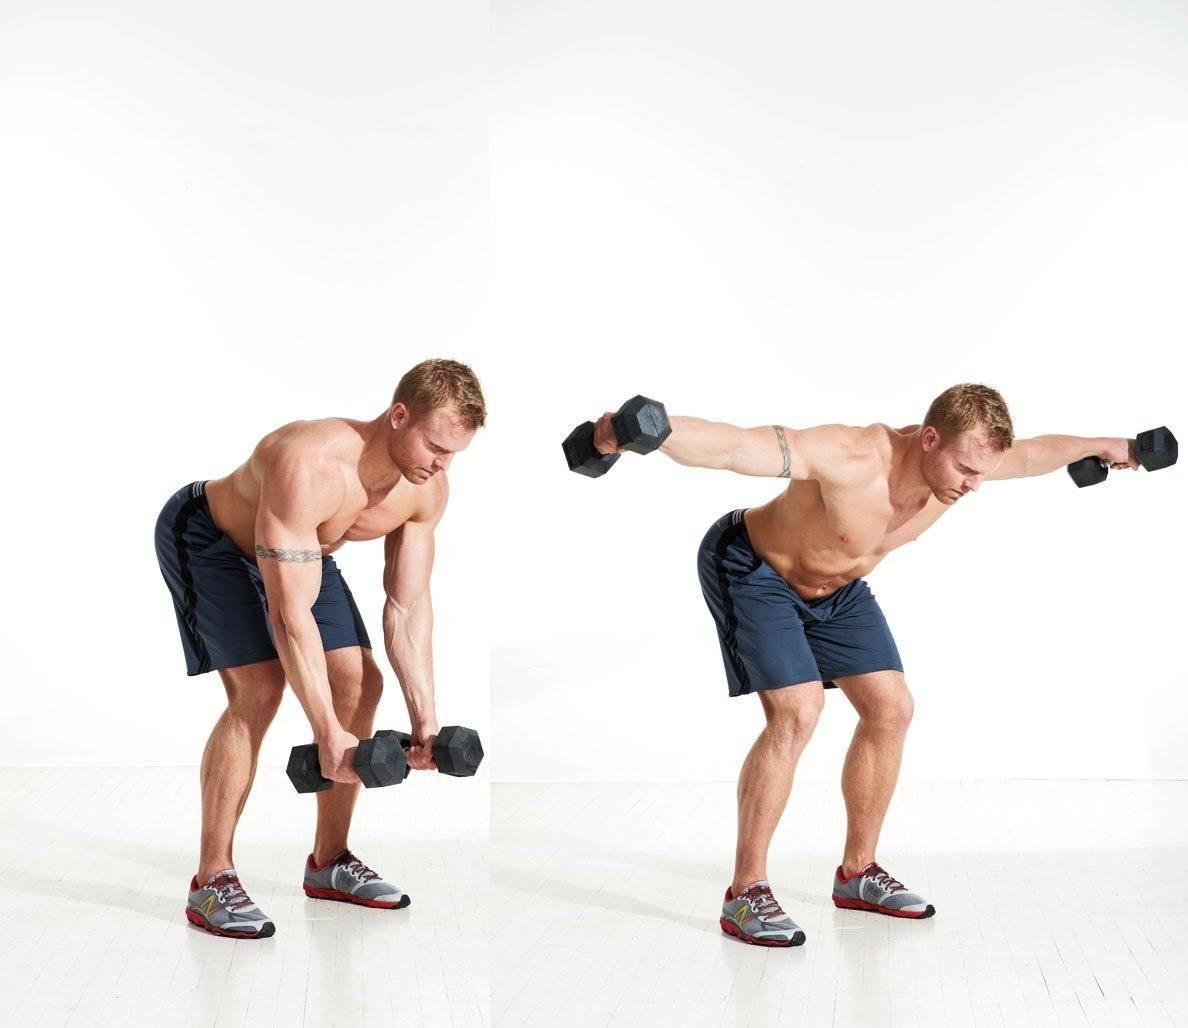 Упражнения на ноги с гантелями для мужчин в домашних условиях